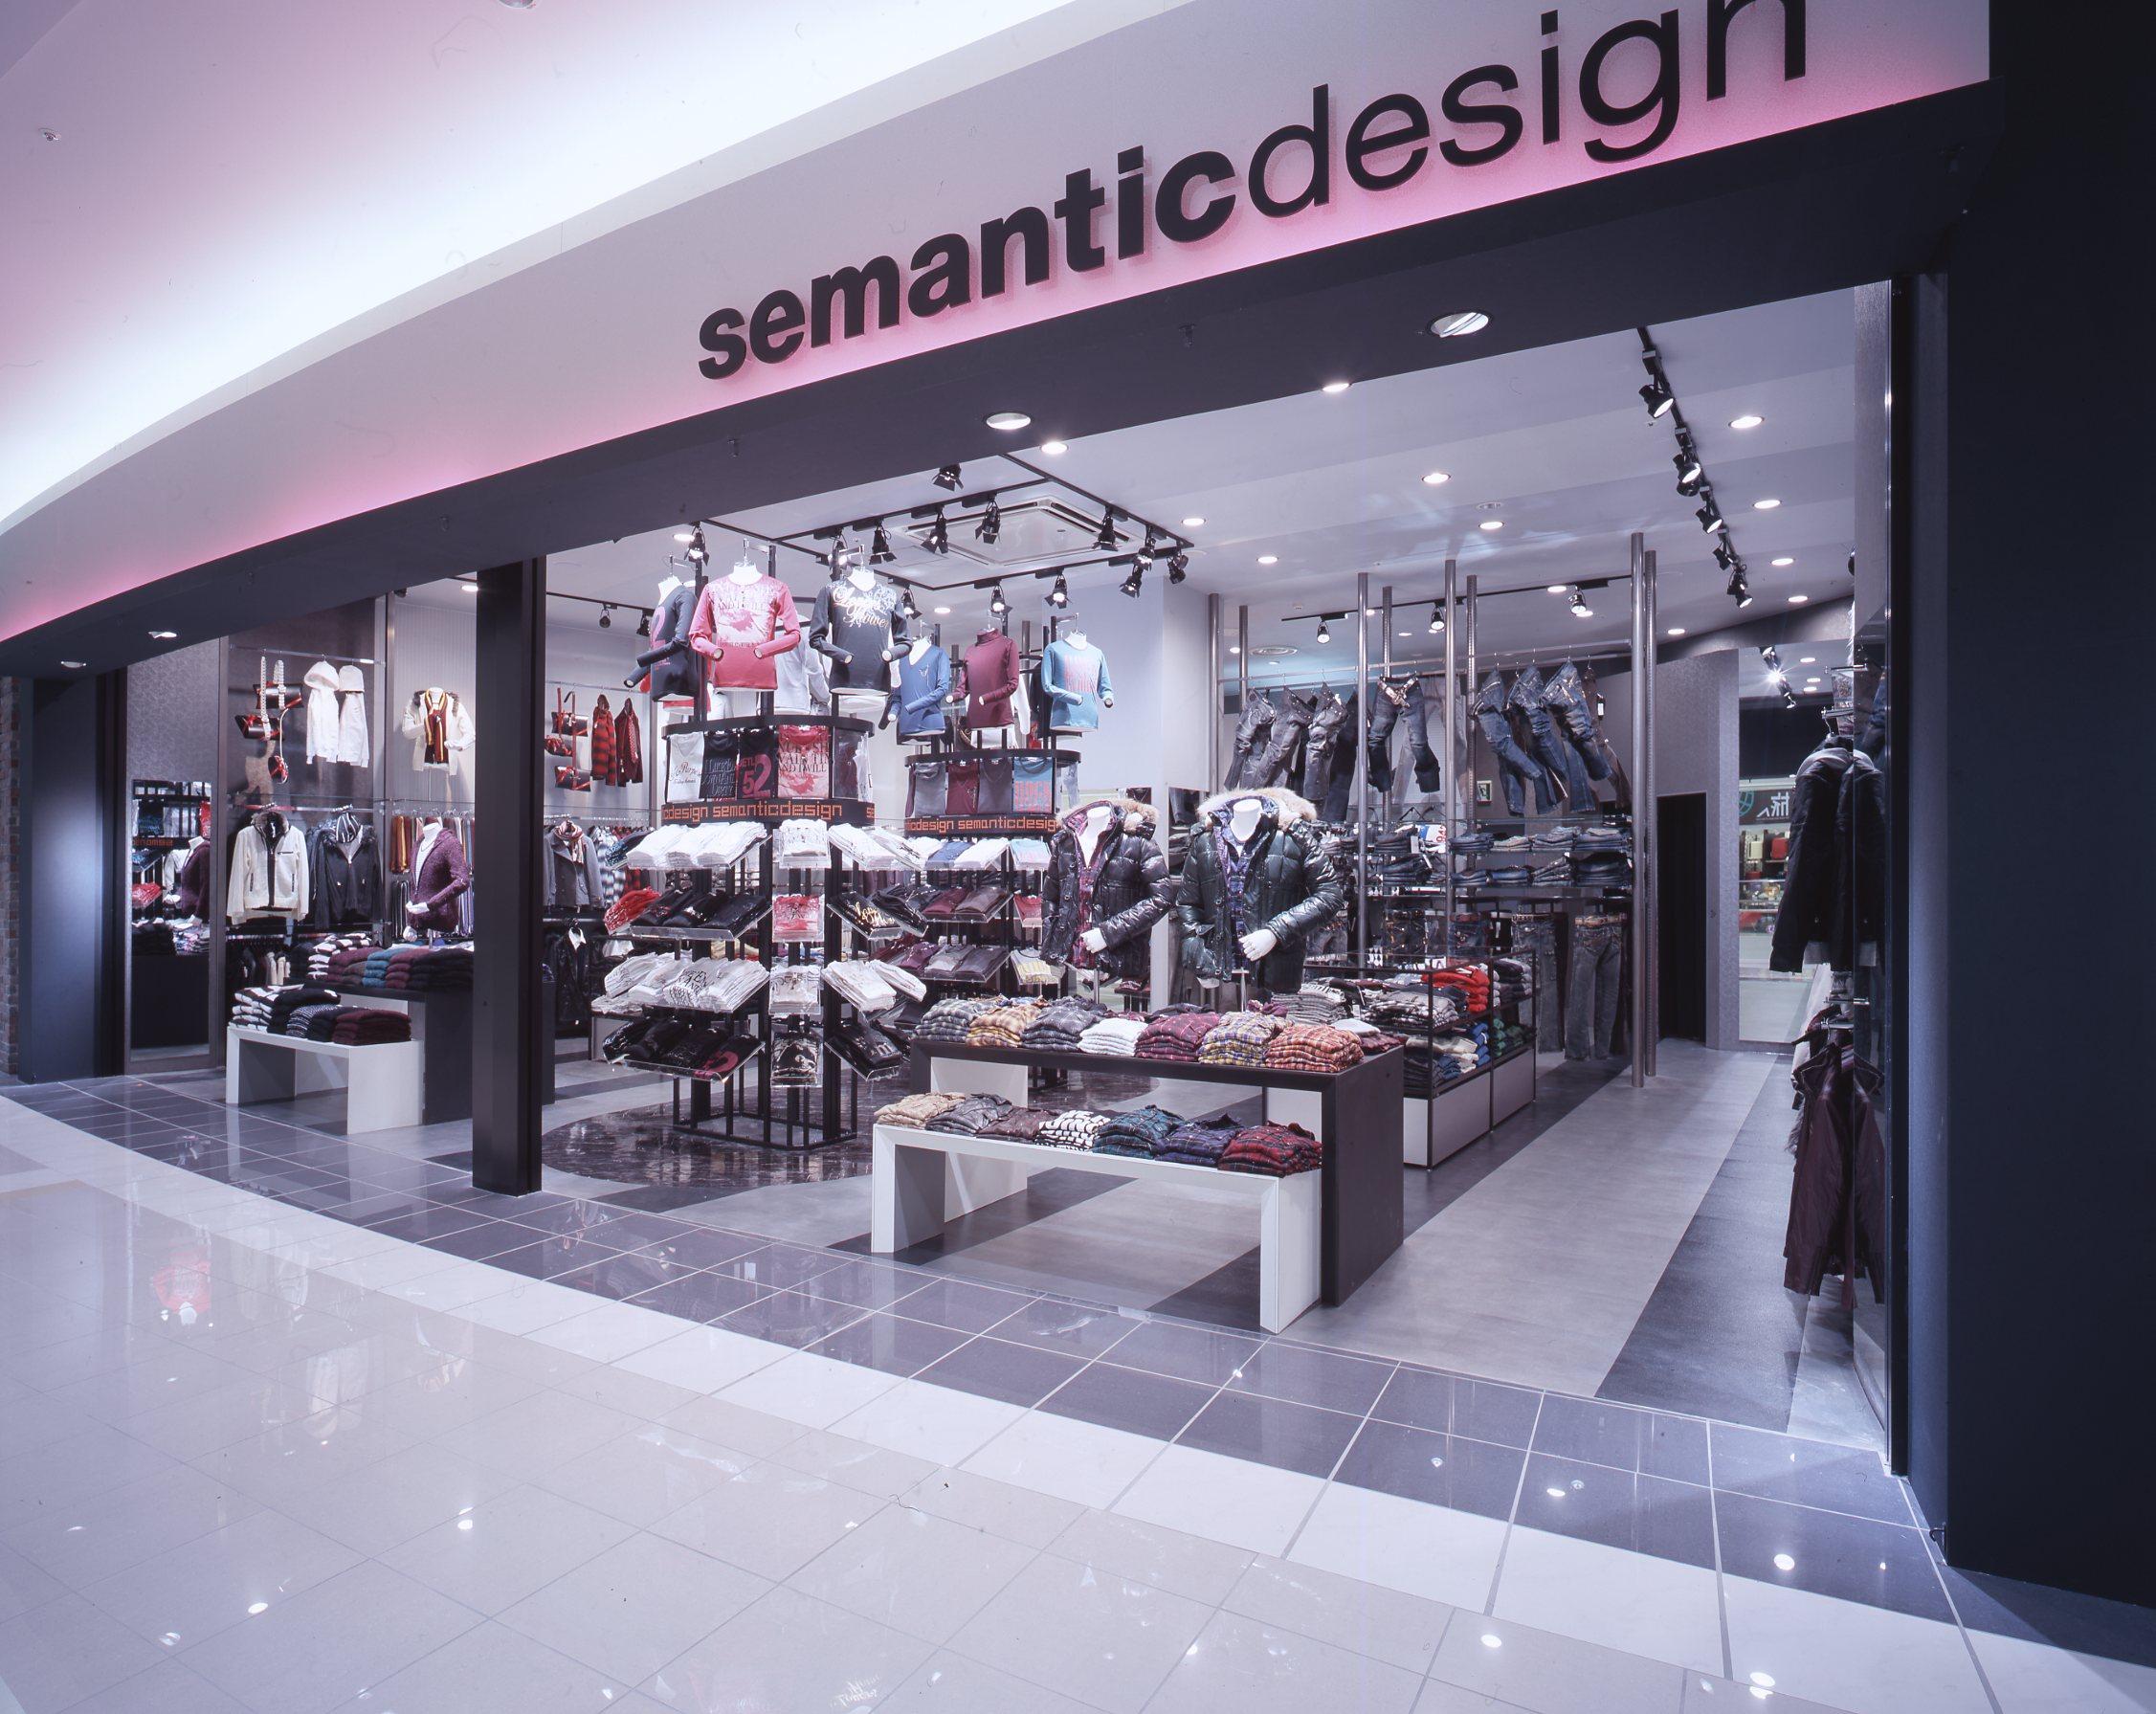 semantic design